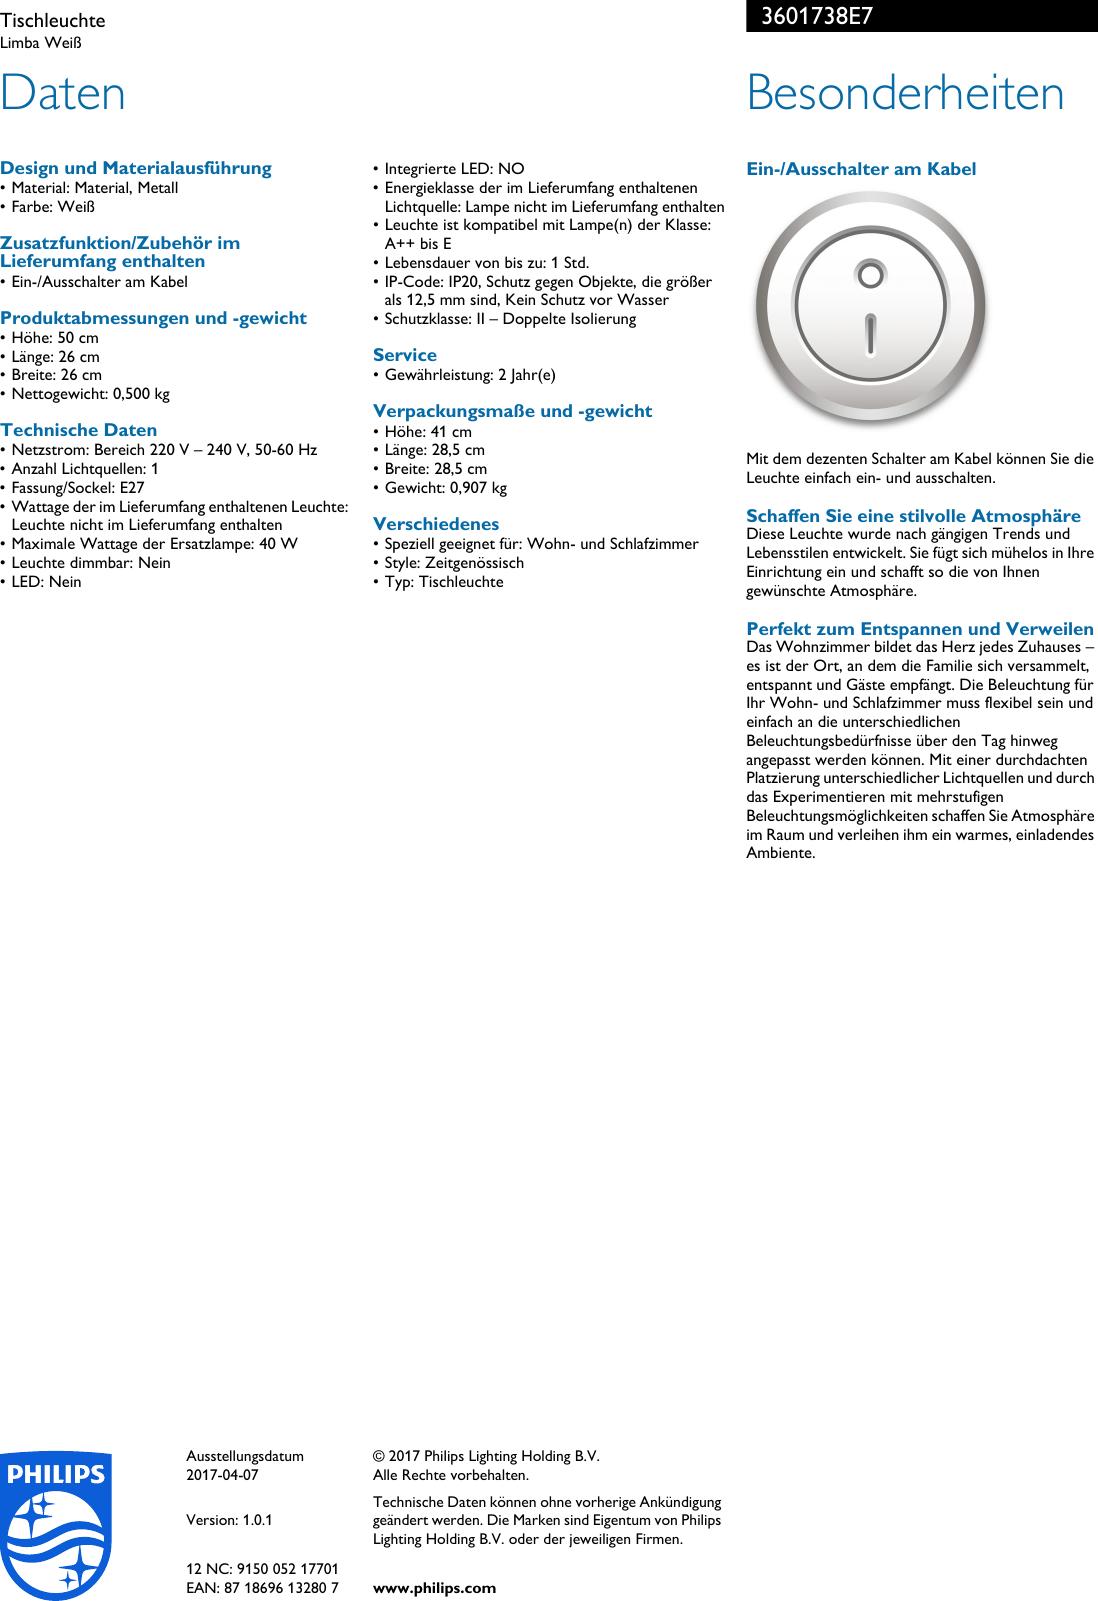 Philips 36017/38/E7 3601738E7 Tischleuchte User Manual Datenblatt